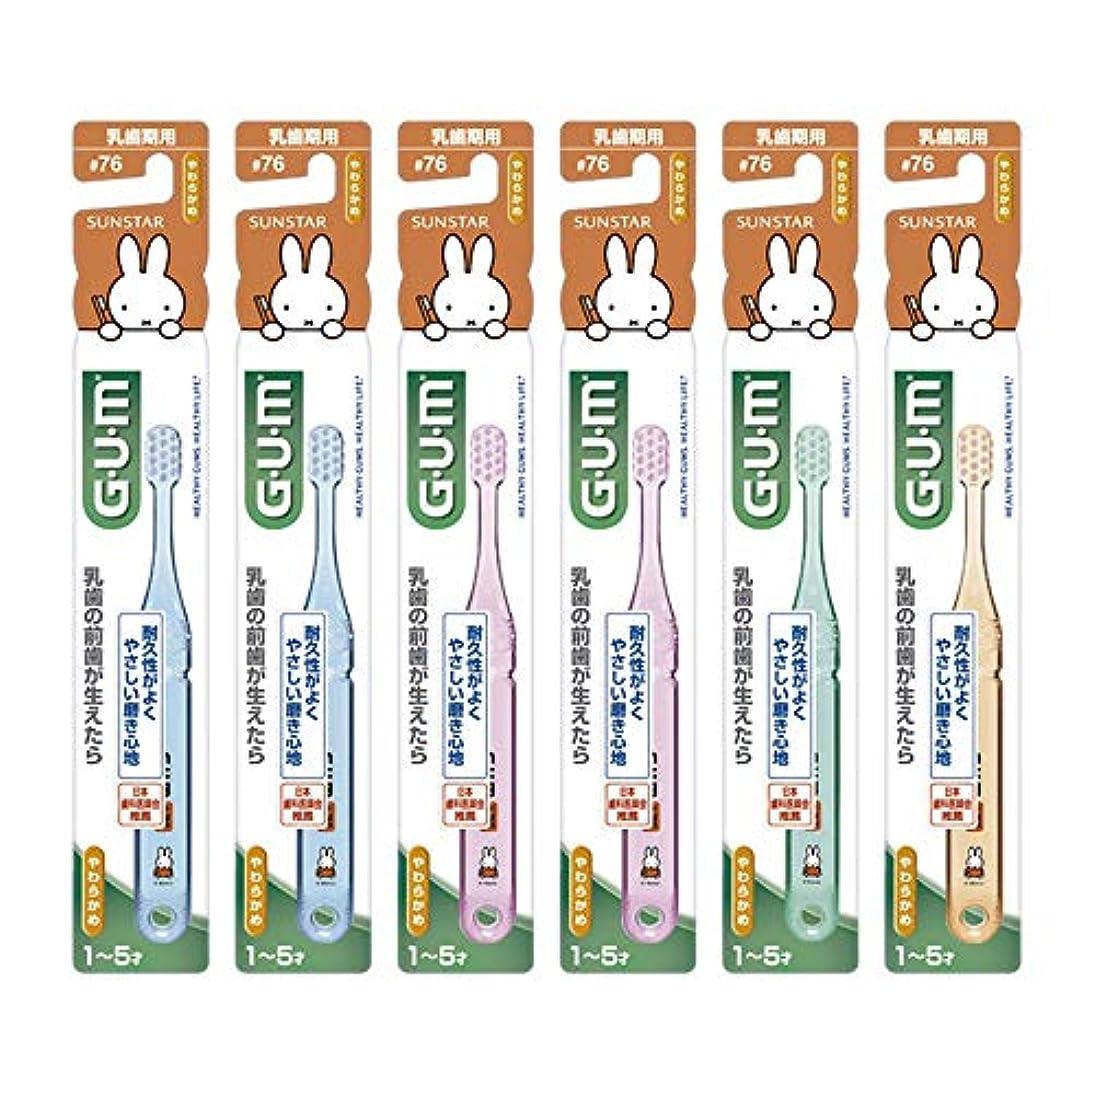 チャームつぼみ安定しましたGUM(ガム) デンタル こども 歯ブラシ #76 [乳歯期用/やわらかめ] 6本パック+ おまけつき【Amazon.co.jp限定】